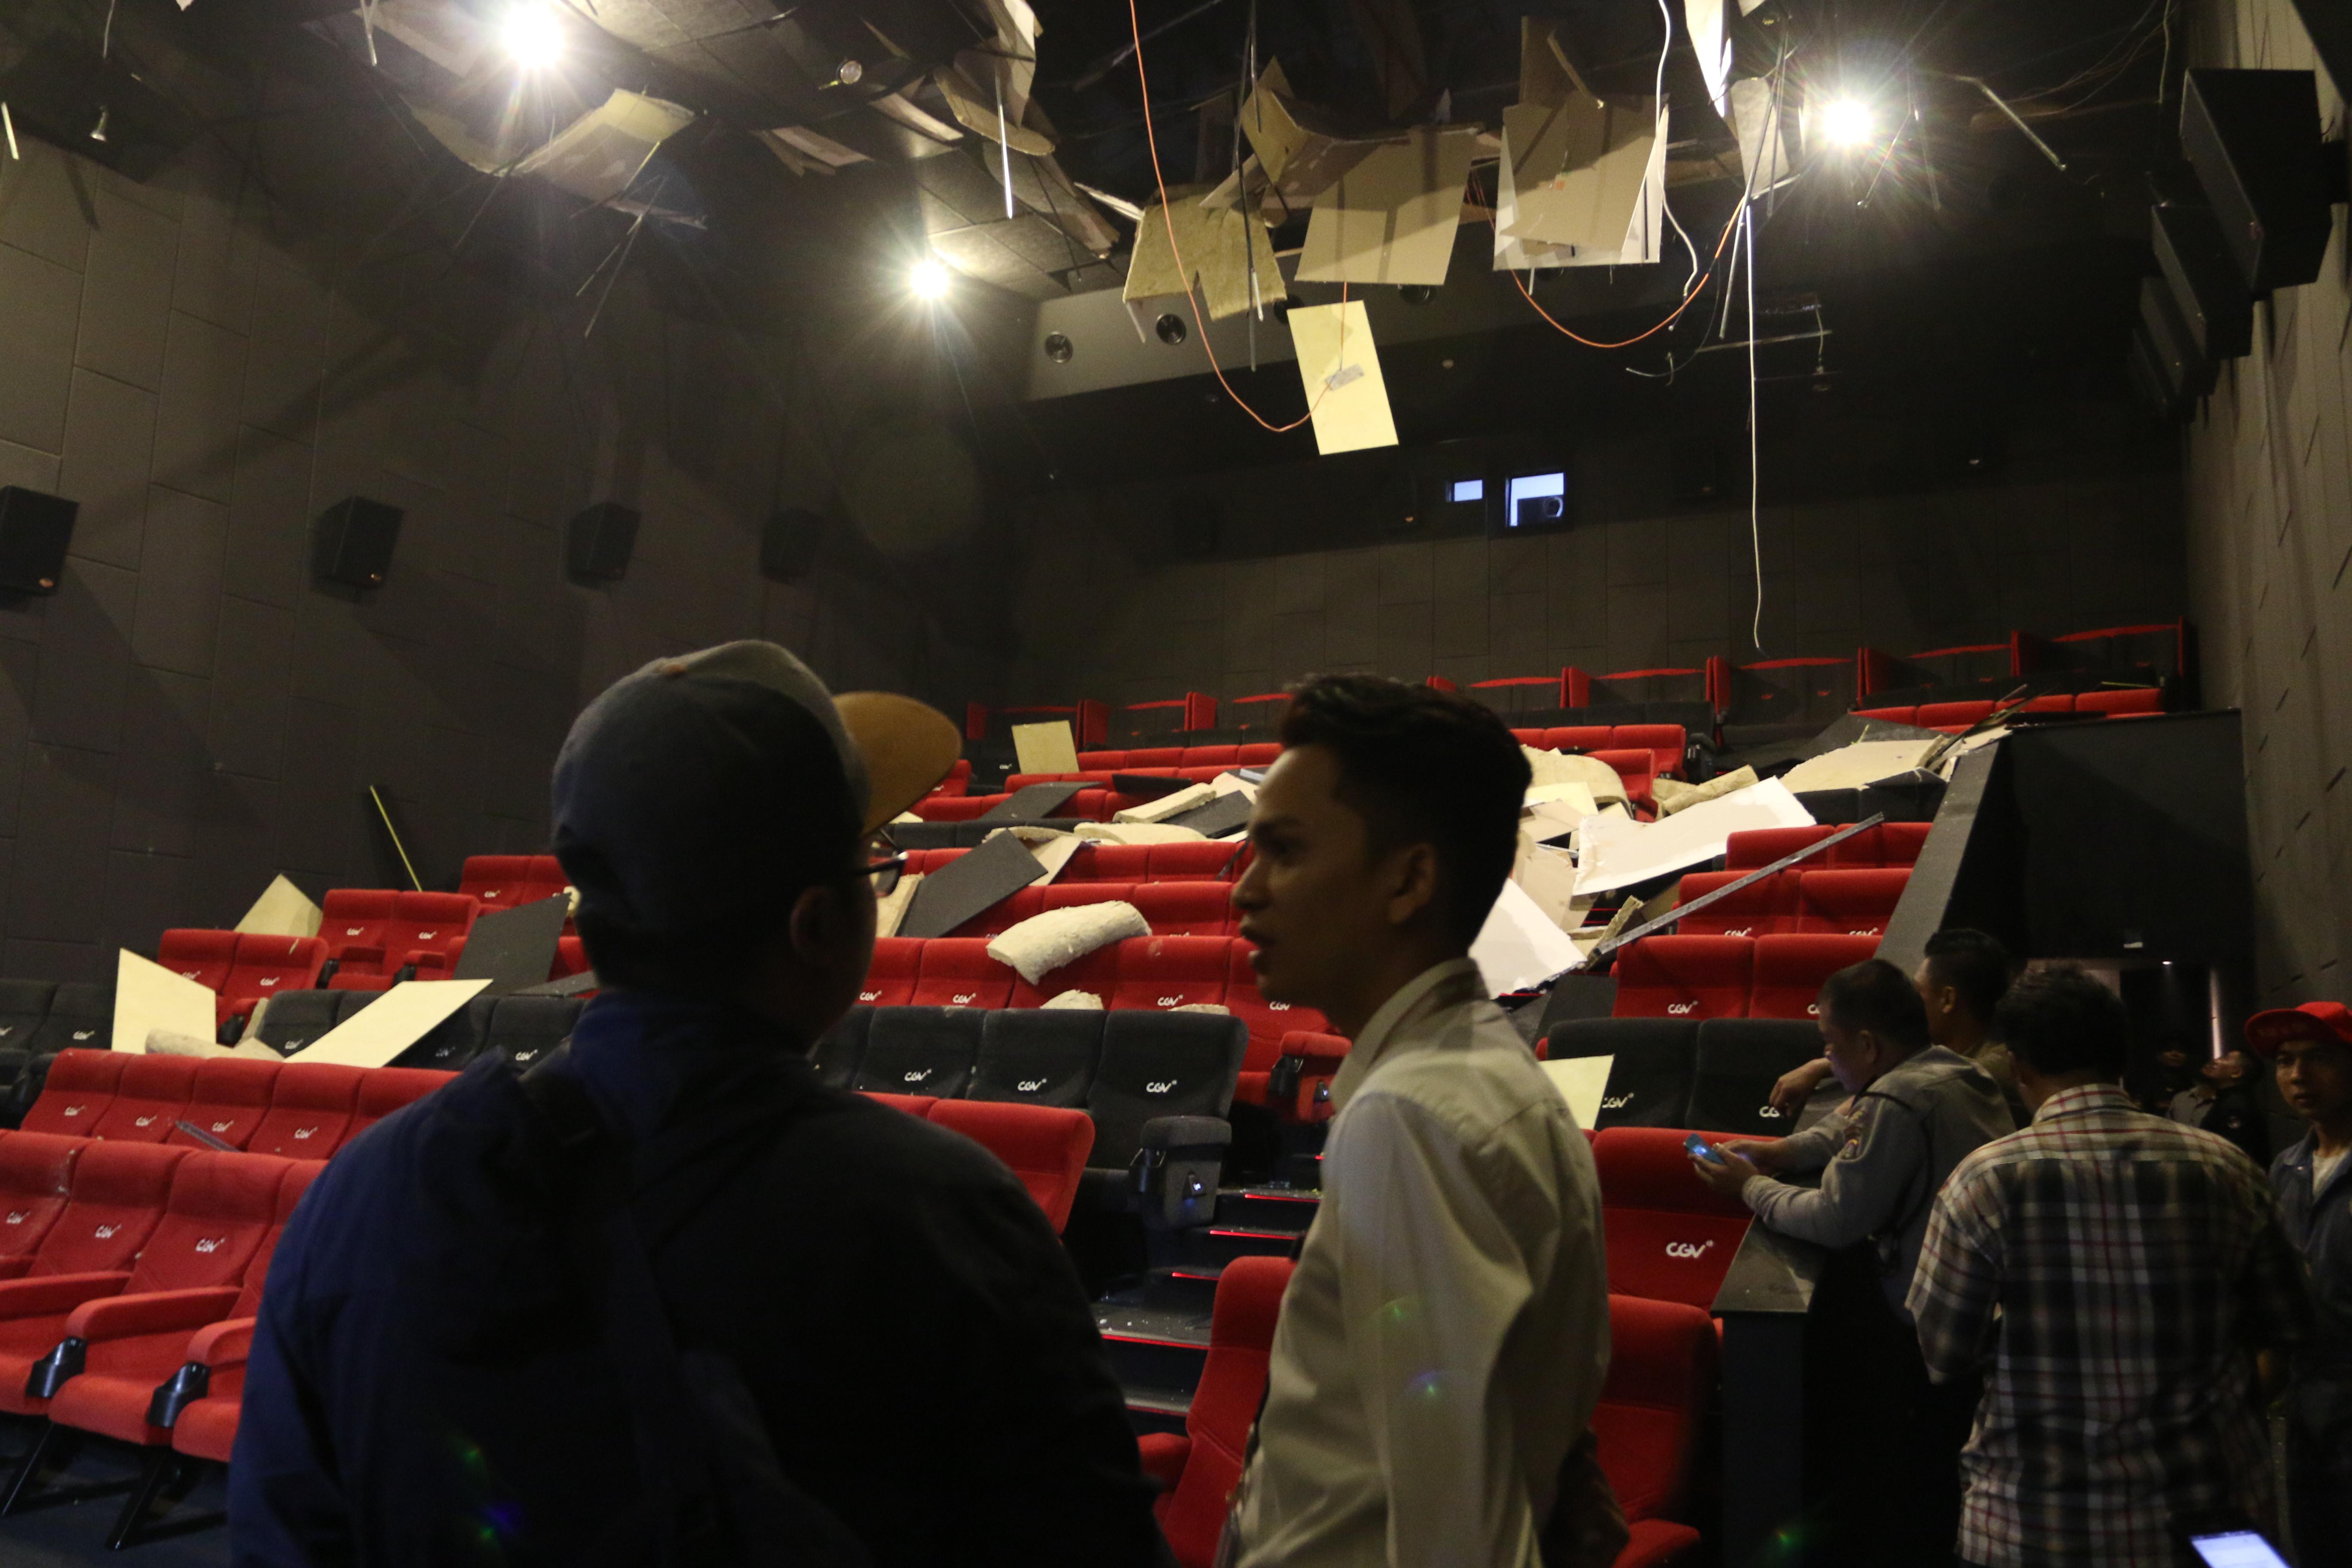 Polisi dan petugas mall berada di dalam gedung bioskop yang rusak akibat gempa berkekuatan 5,6 SR di Medan, Sumatera utara, pada 16 Januari 2017. Foto oleh Irsan Mulyadi/Antara